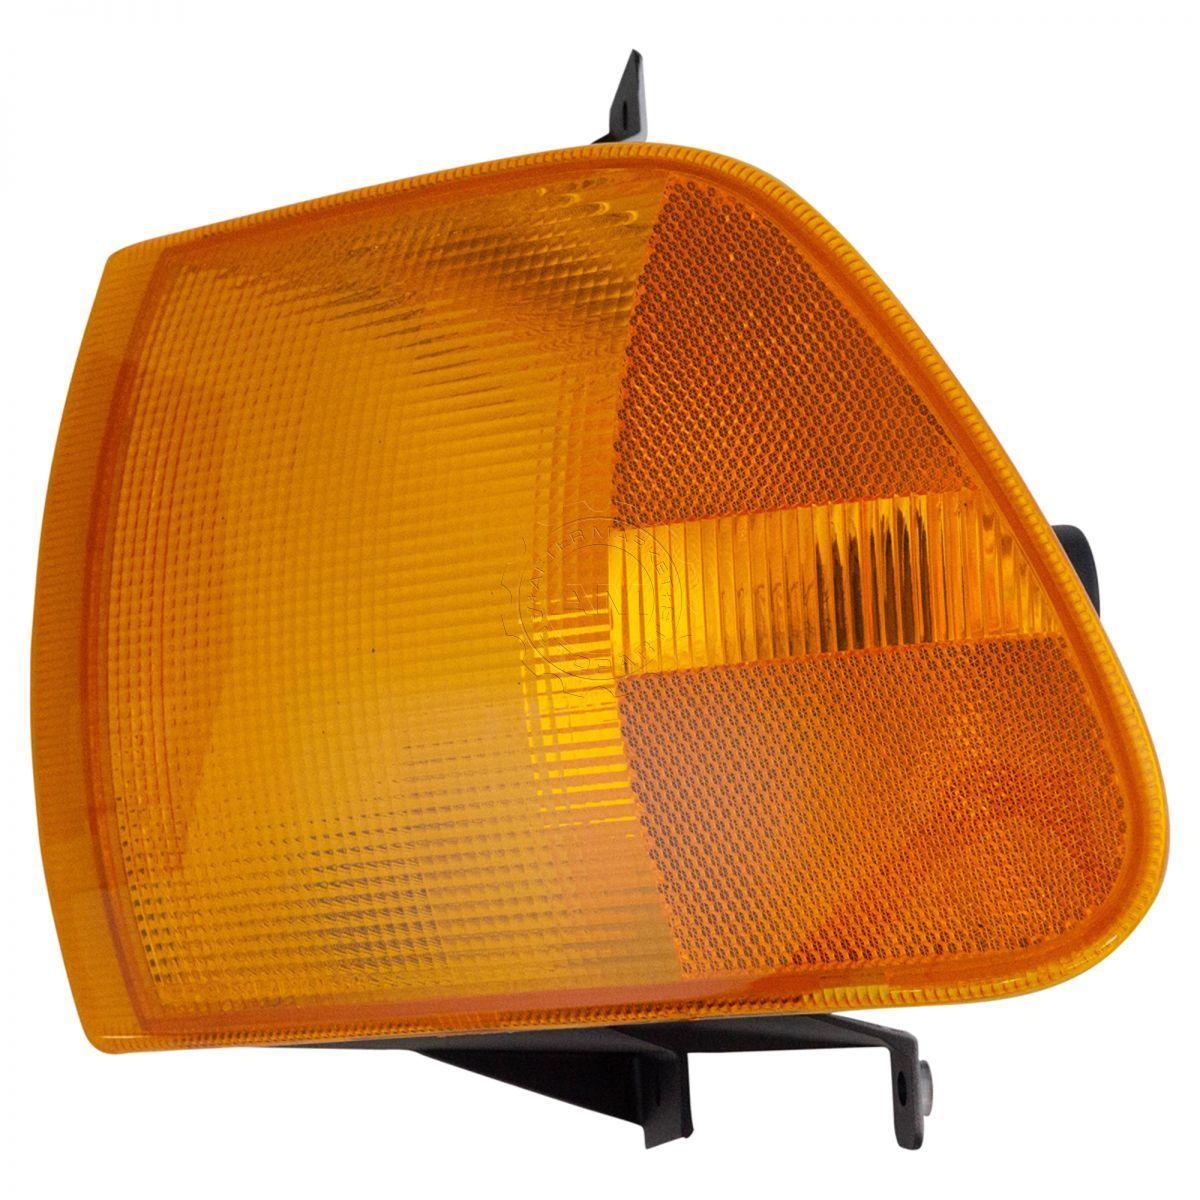 コーナーライト Front Turn Signal Marker Light Lamp LH Driver Side for Sterling A9500 AT9500 フロントターンシグナルマーカーライトランプスターリング用LHドライバサイドA9500 AT9500